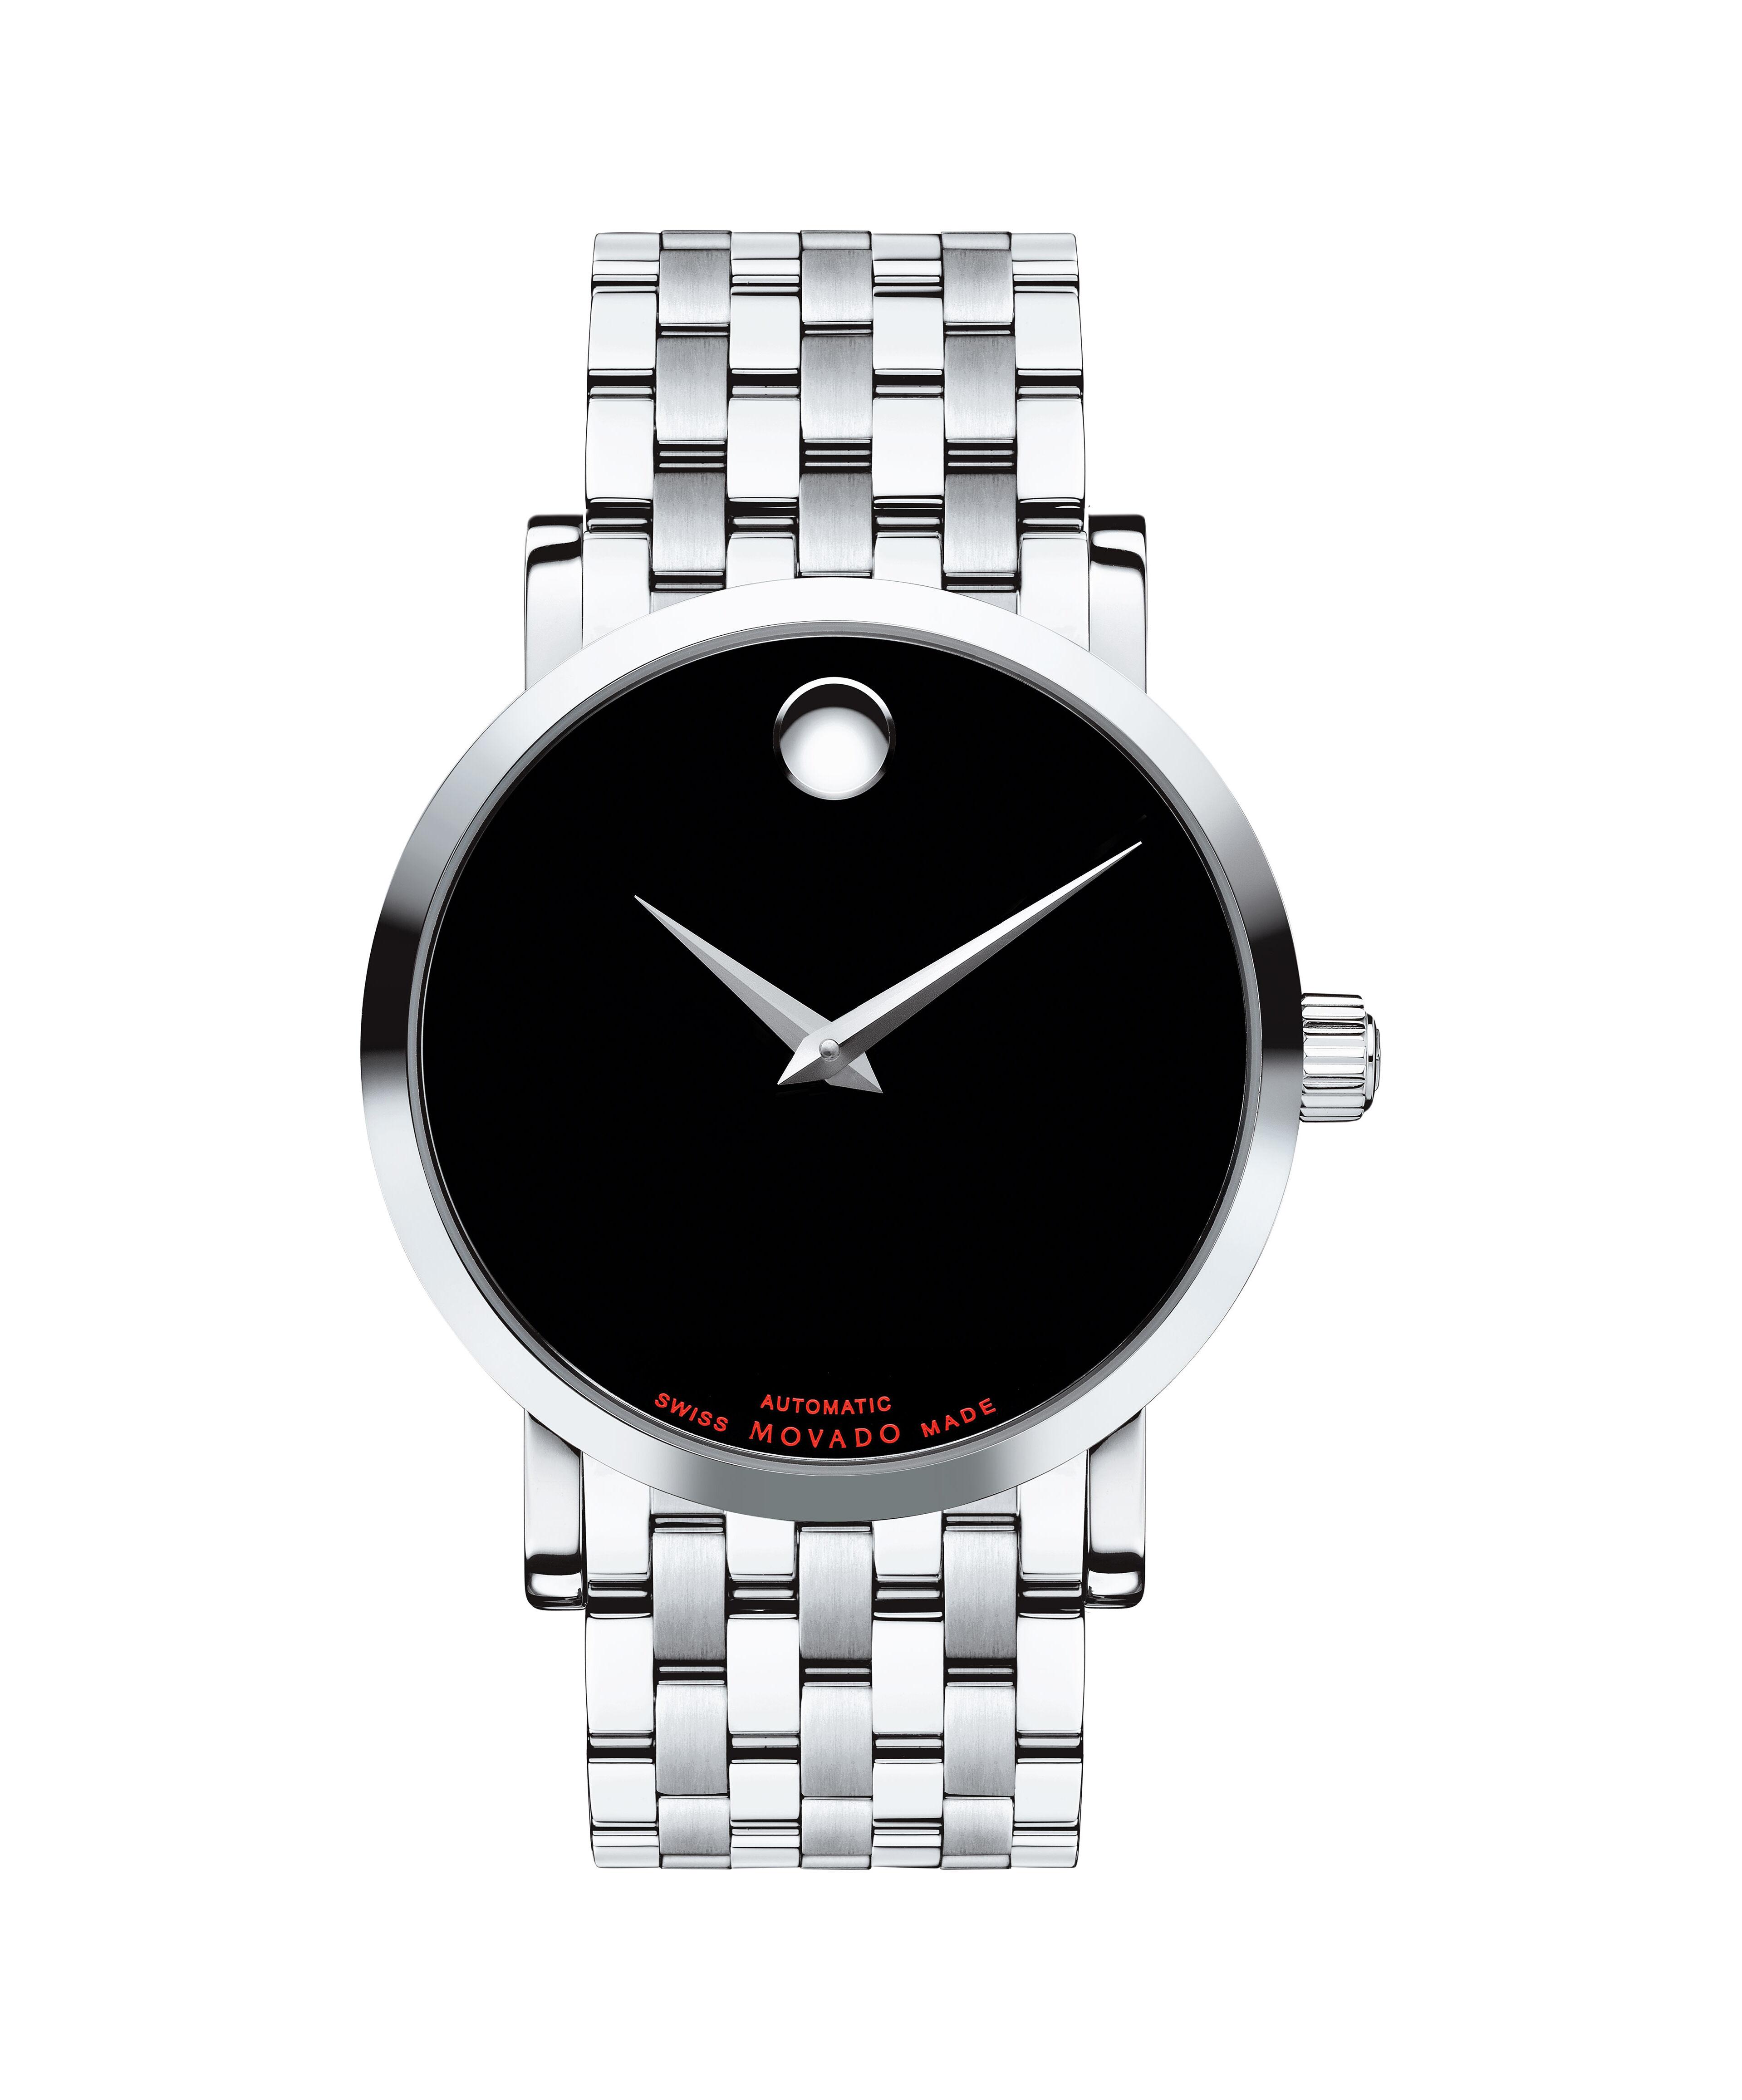 Known Fake Breguet Pocket Watches